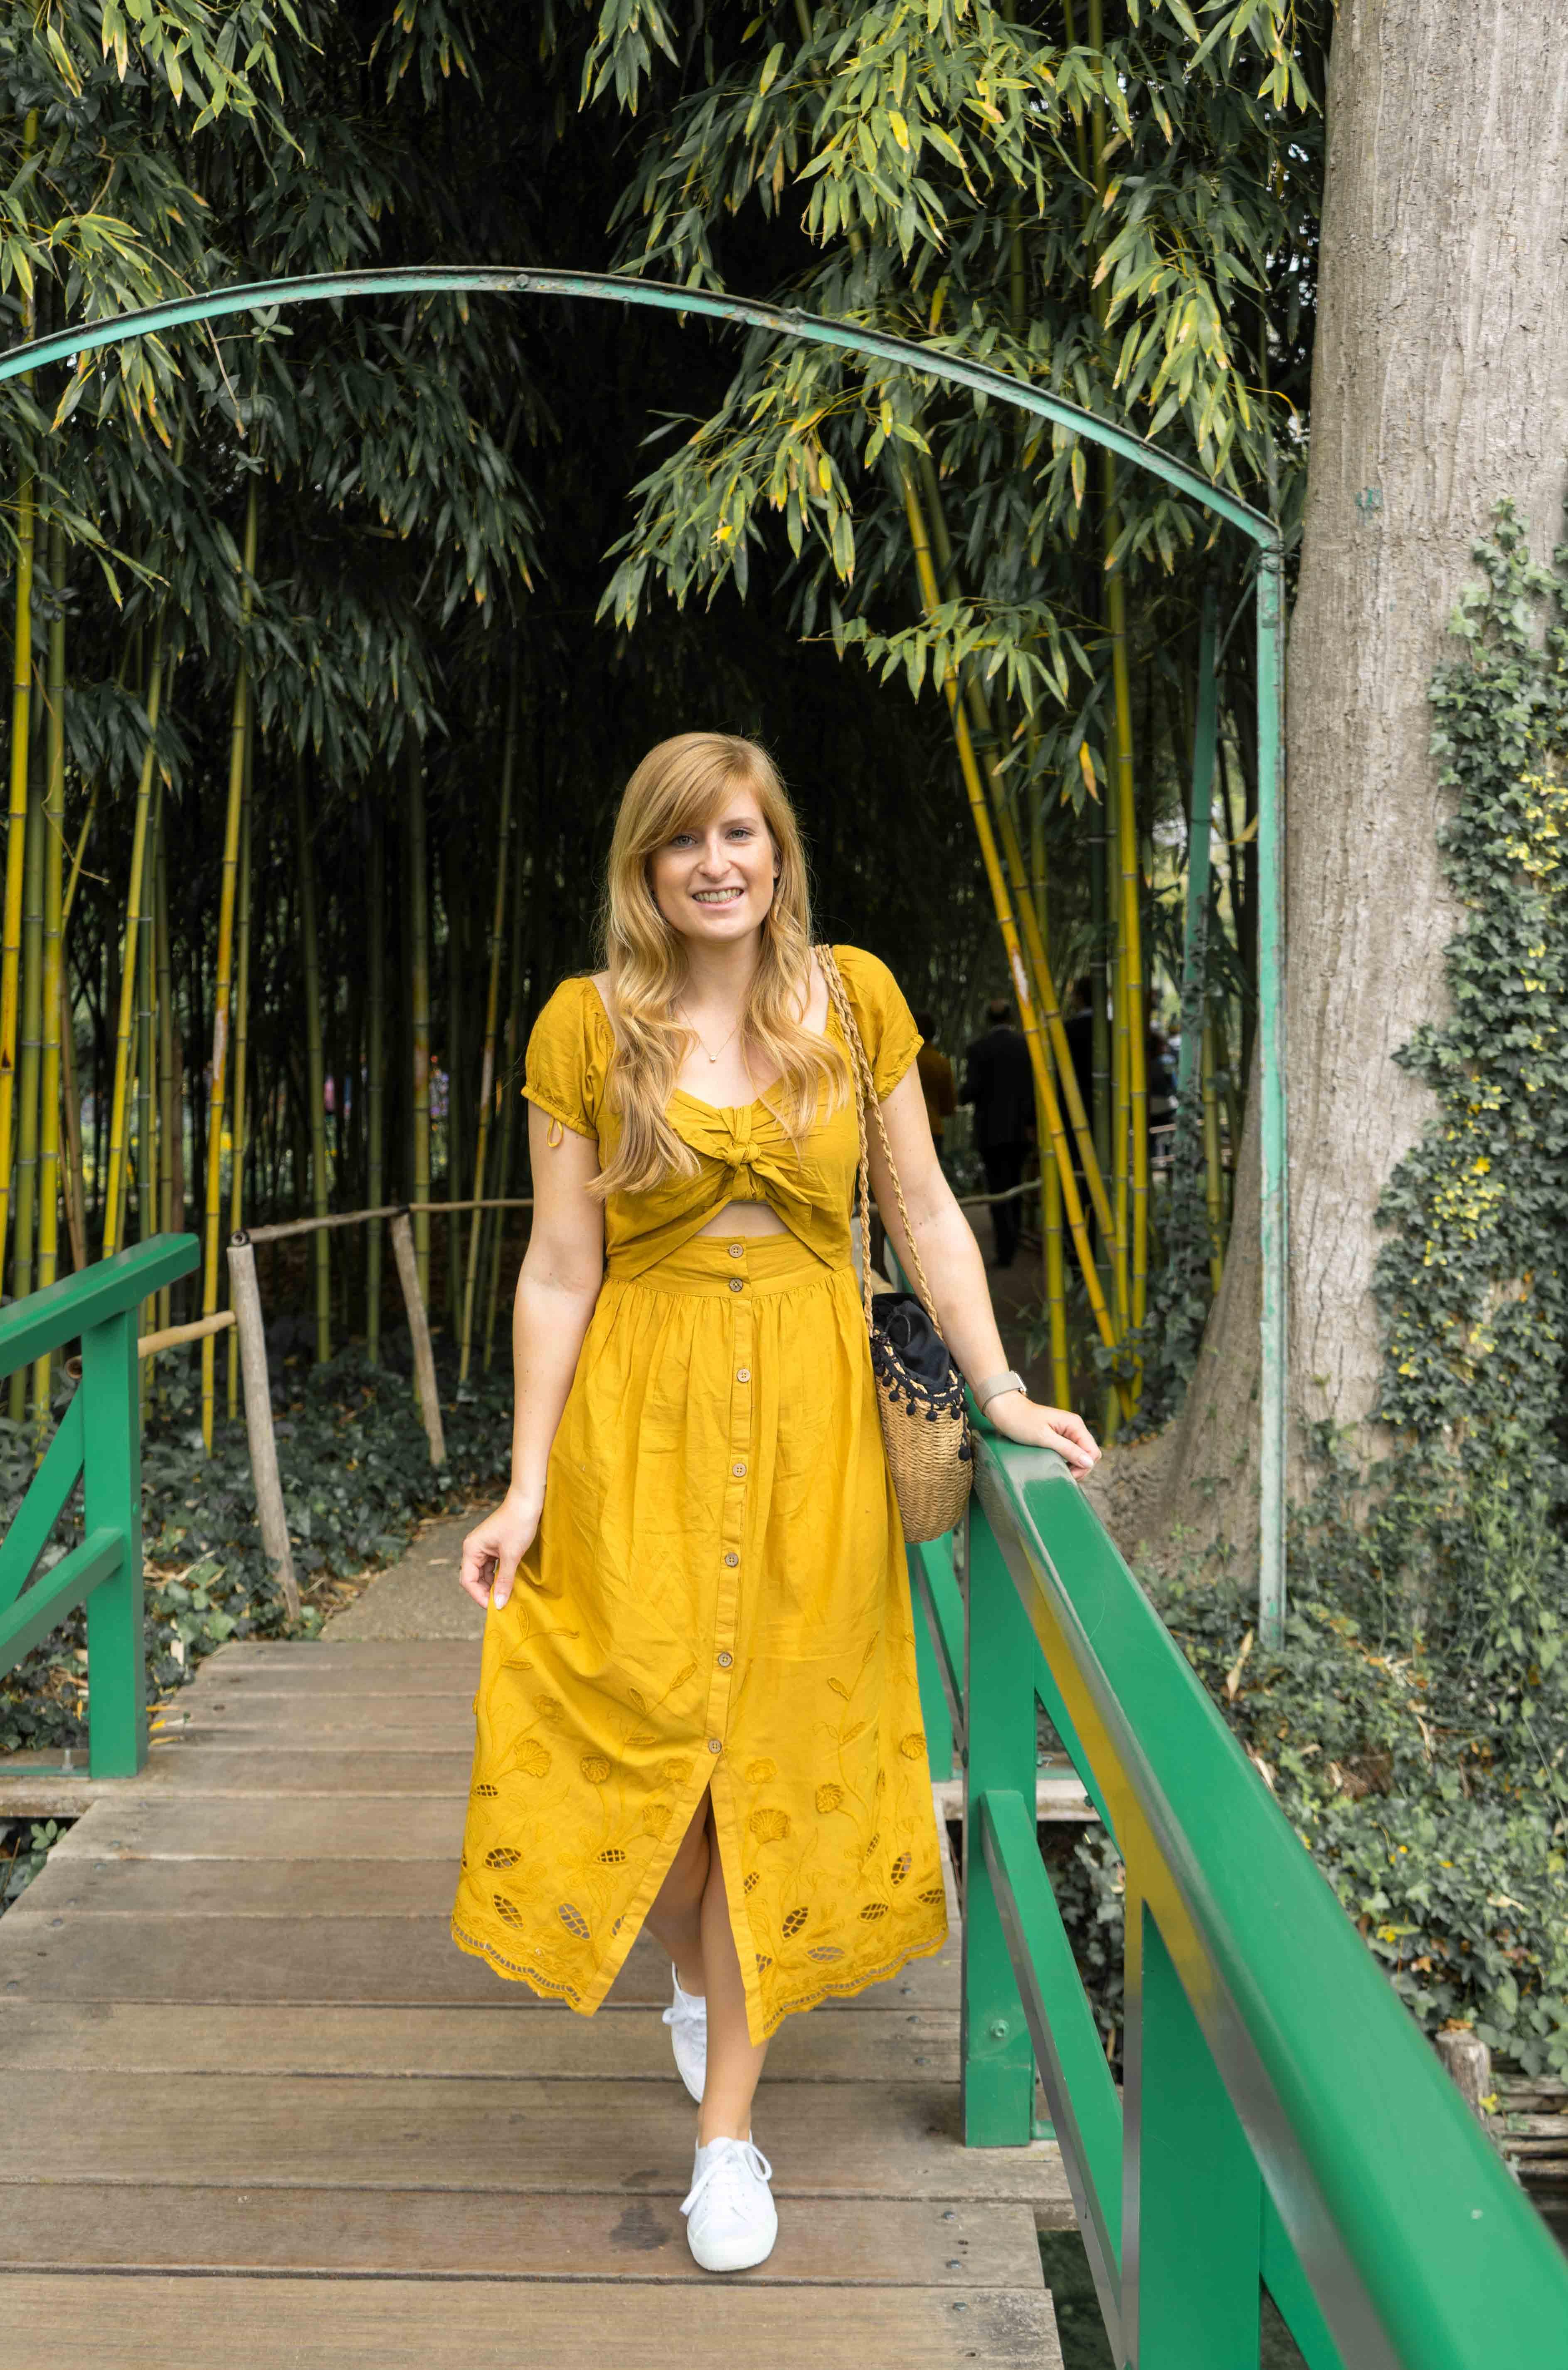 Sommerkleid Cut Outs Zara senfgelb Sommeroutfit Urlaub Normandie was tragen Giverny Monets Garten Modeblog 2